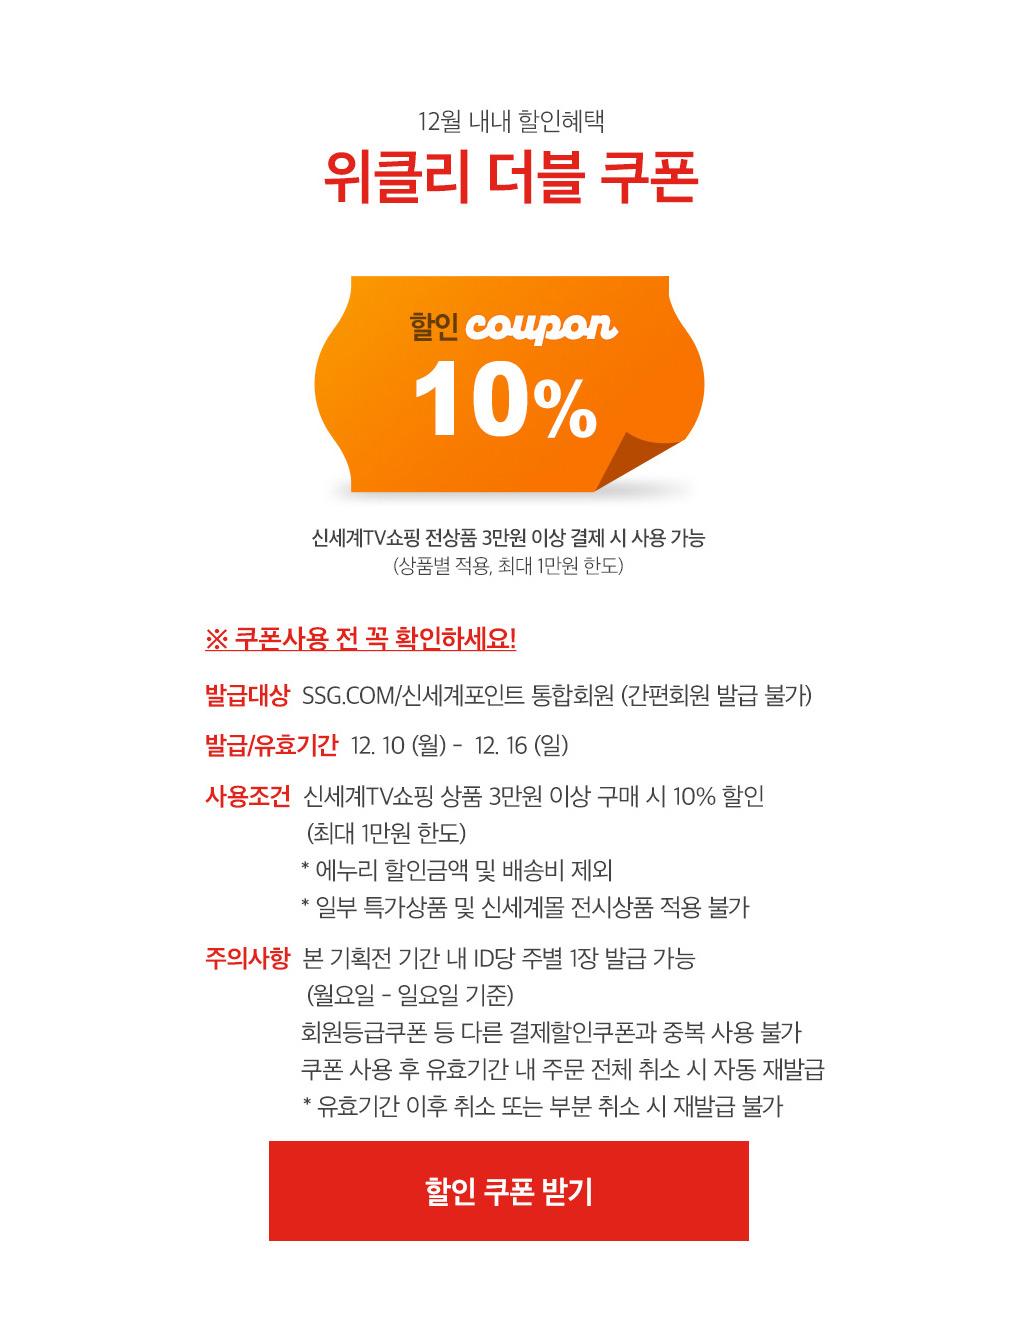 10% 할인쿠폰 (신세계TV쇼핑 전상품 3만원 이상 결제 시 사용 가능. 상품별 적용, 최대 1만원 한도)